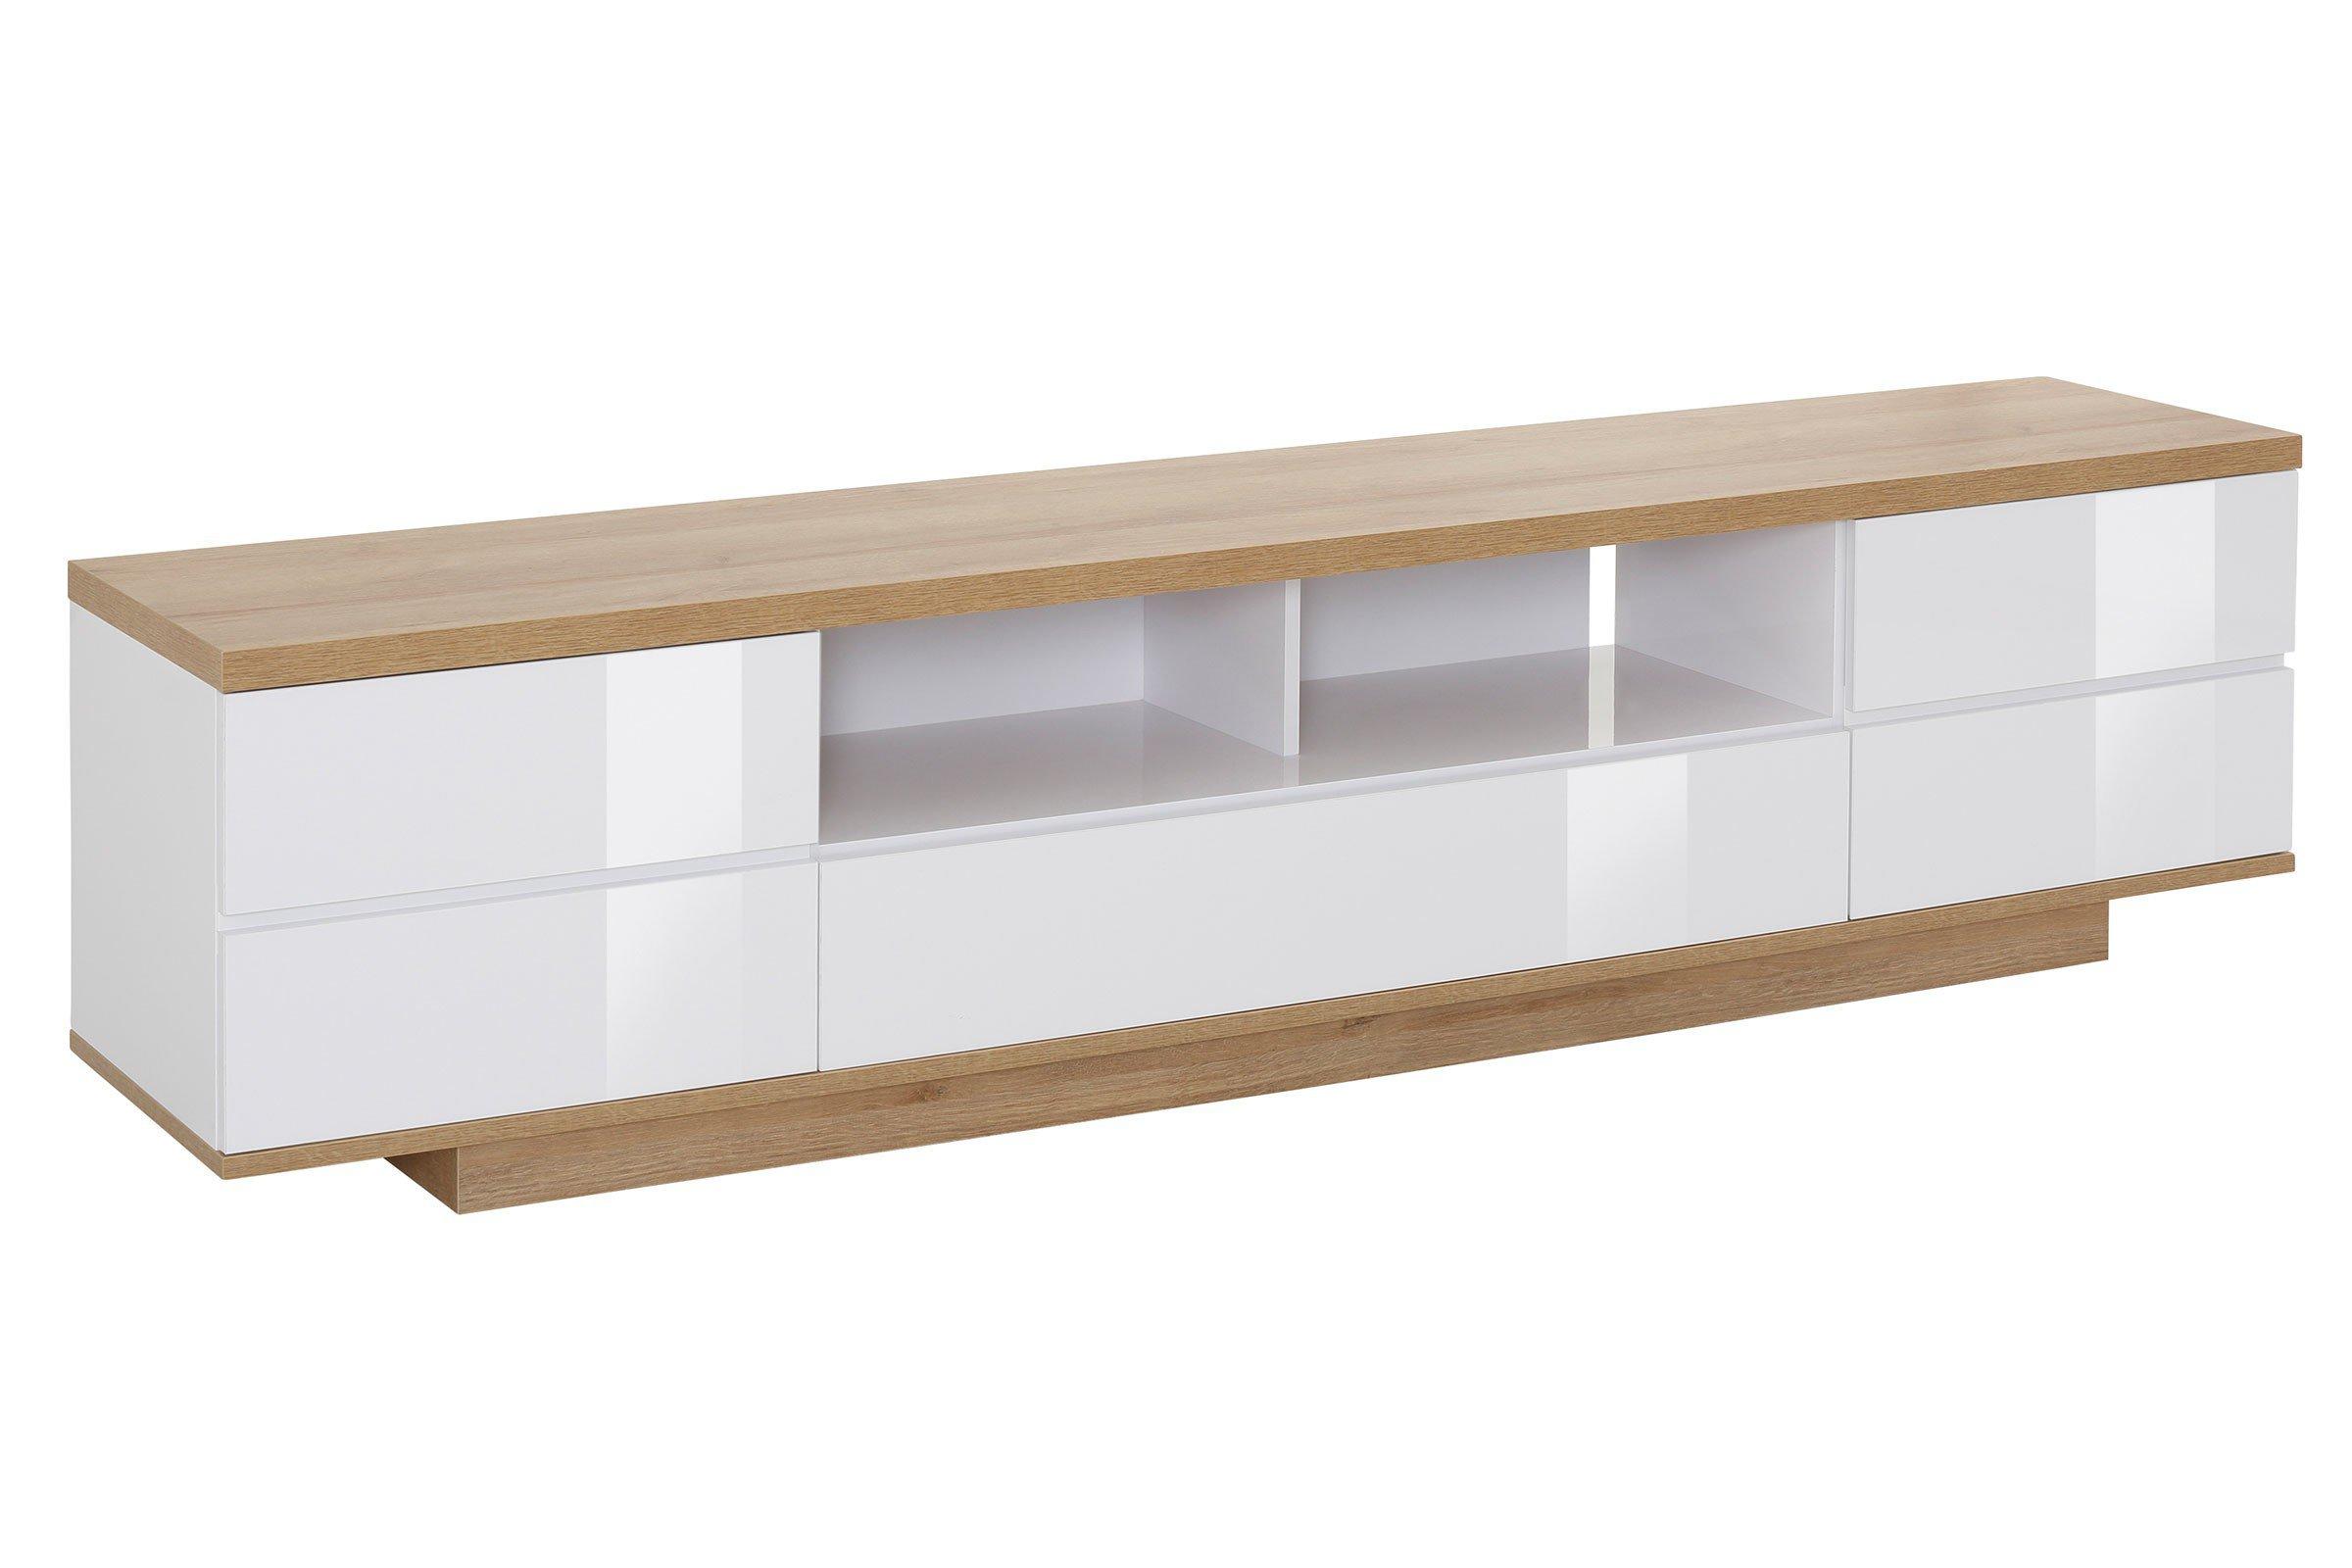 Brilliant Lowboard Eiche Weiß Das Beste Von 7714 Von Maja Möbel - Eiche/ Weiß